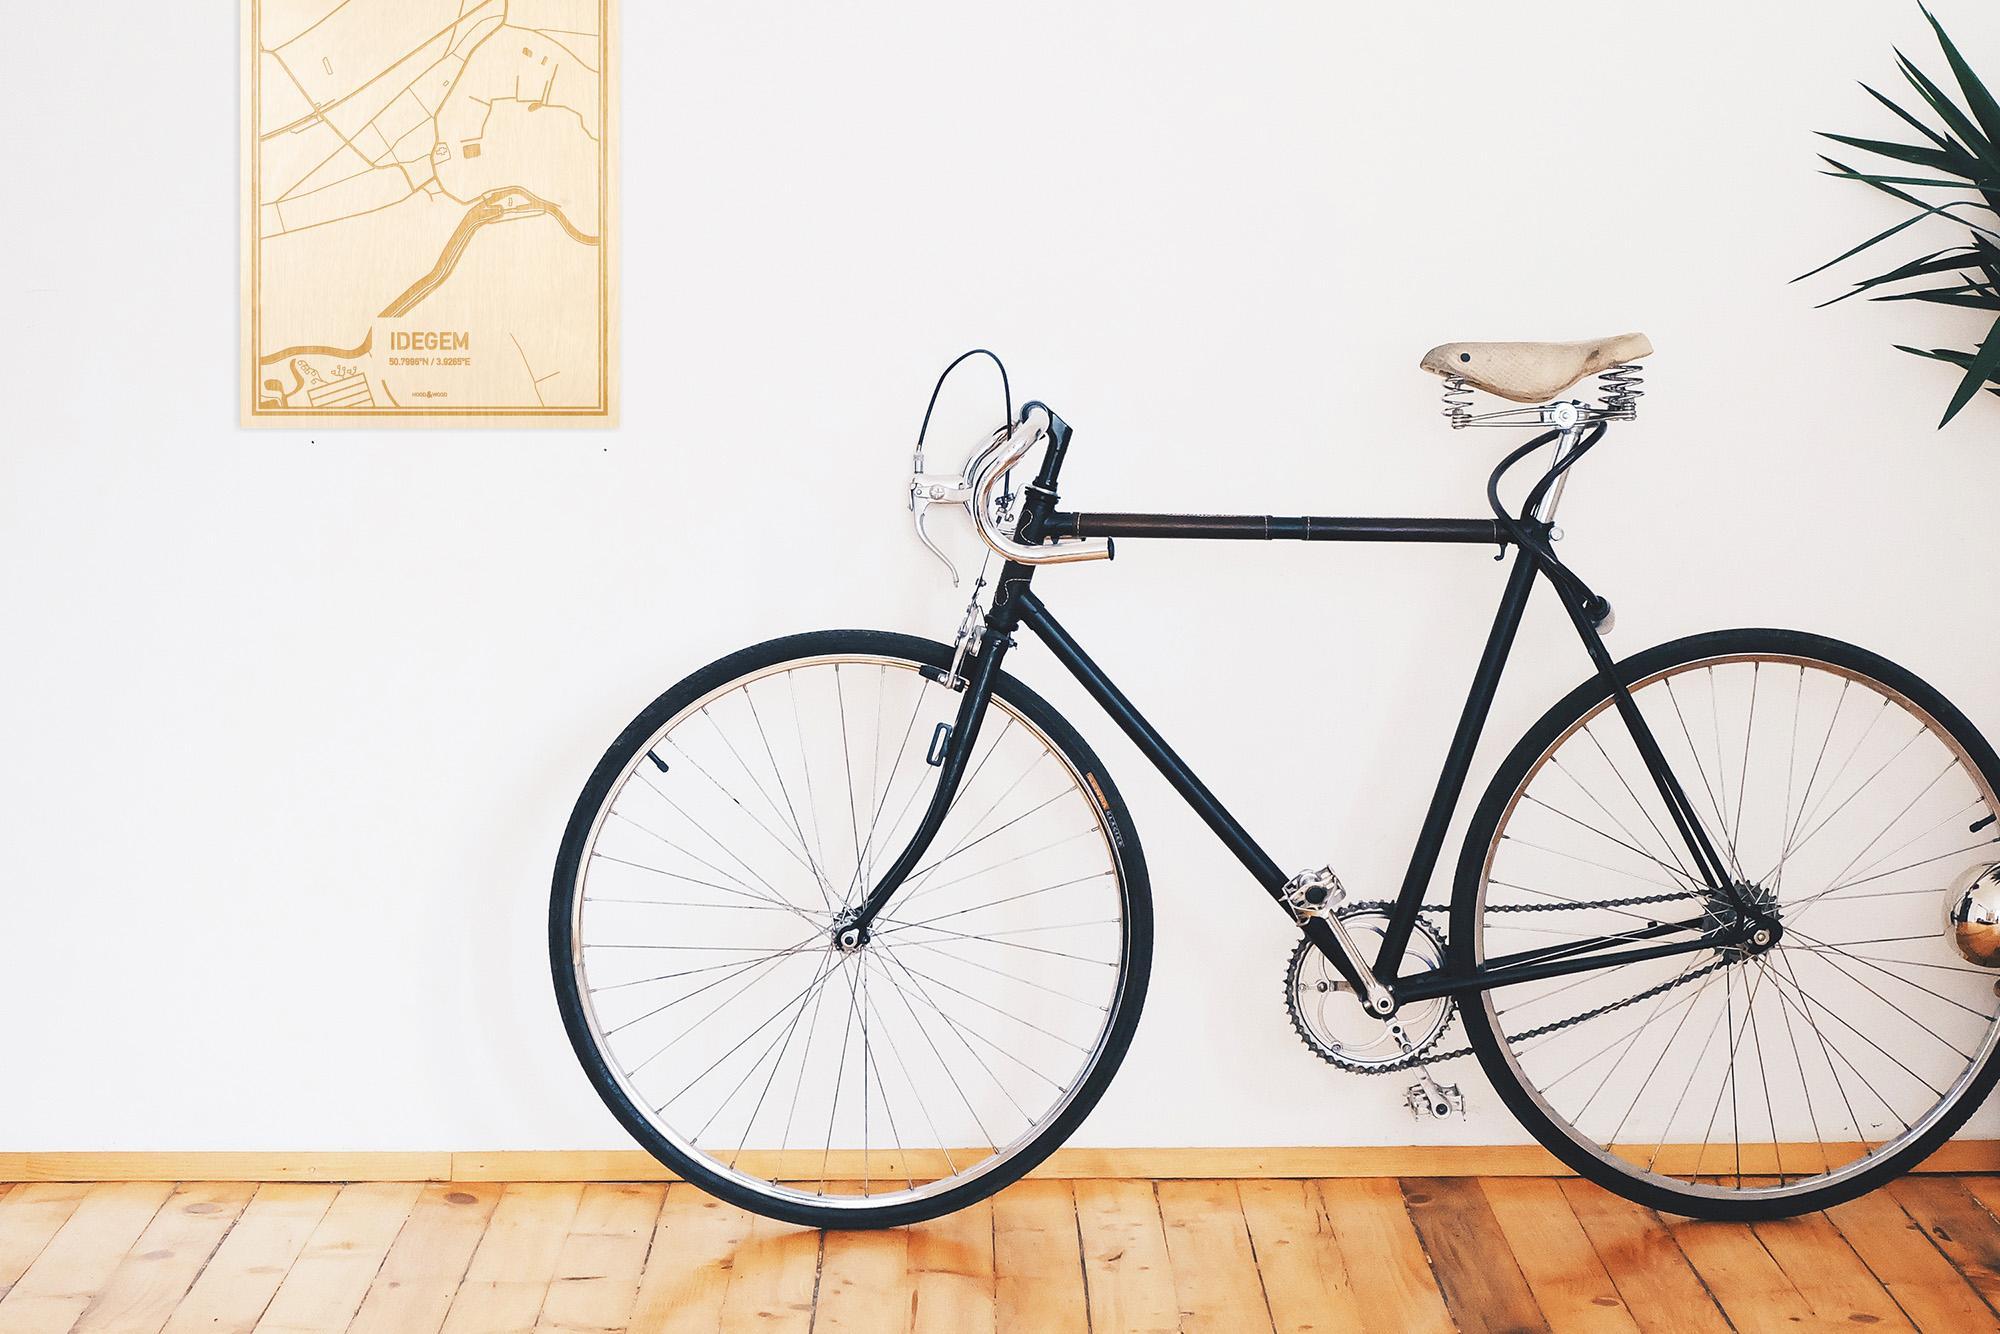 Een snelle fiets in een uniek interieur in Oost-Vlaanderen  met mooie decoratie zoals de plattegrond Idegem.